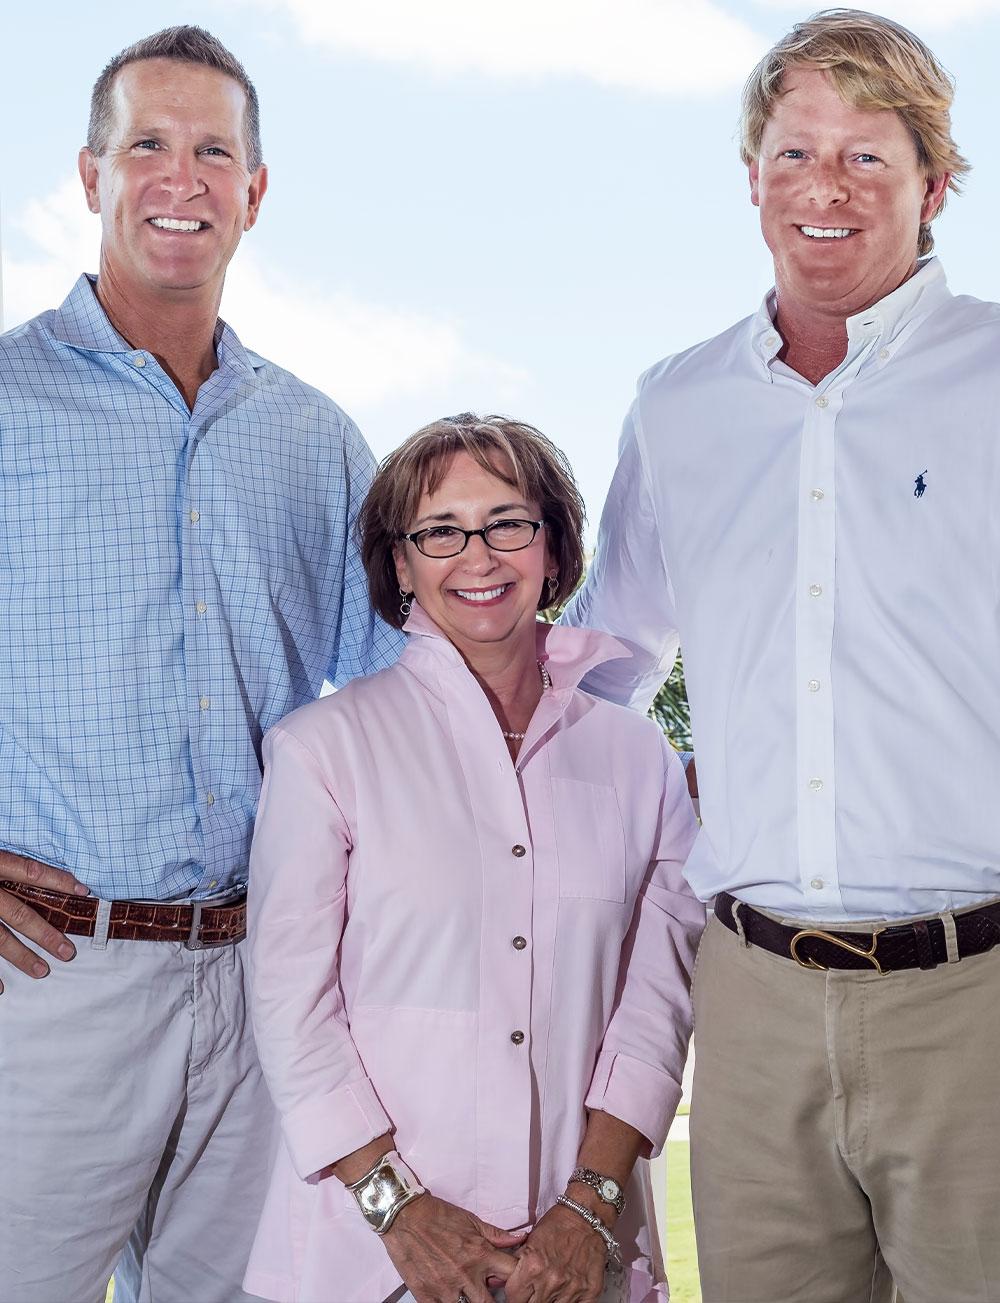 Patsy Zanetti, Stuart Rumph, & Chip Olsen